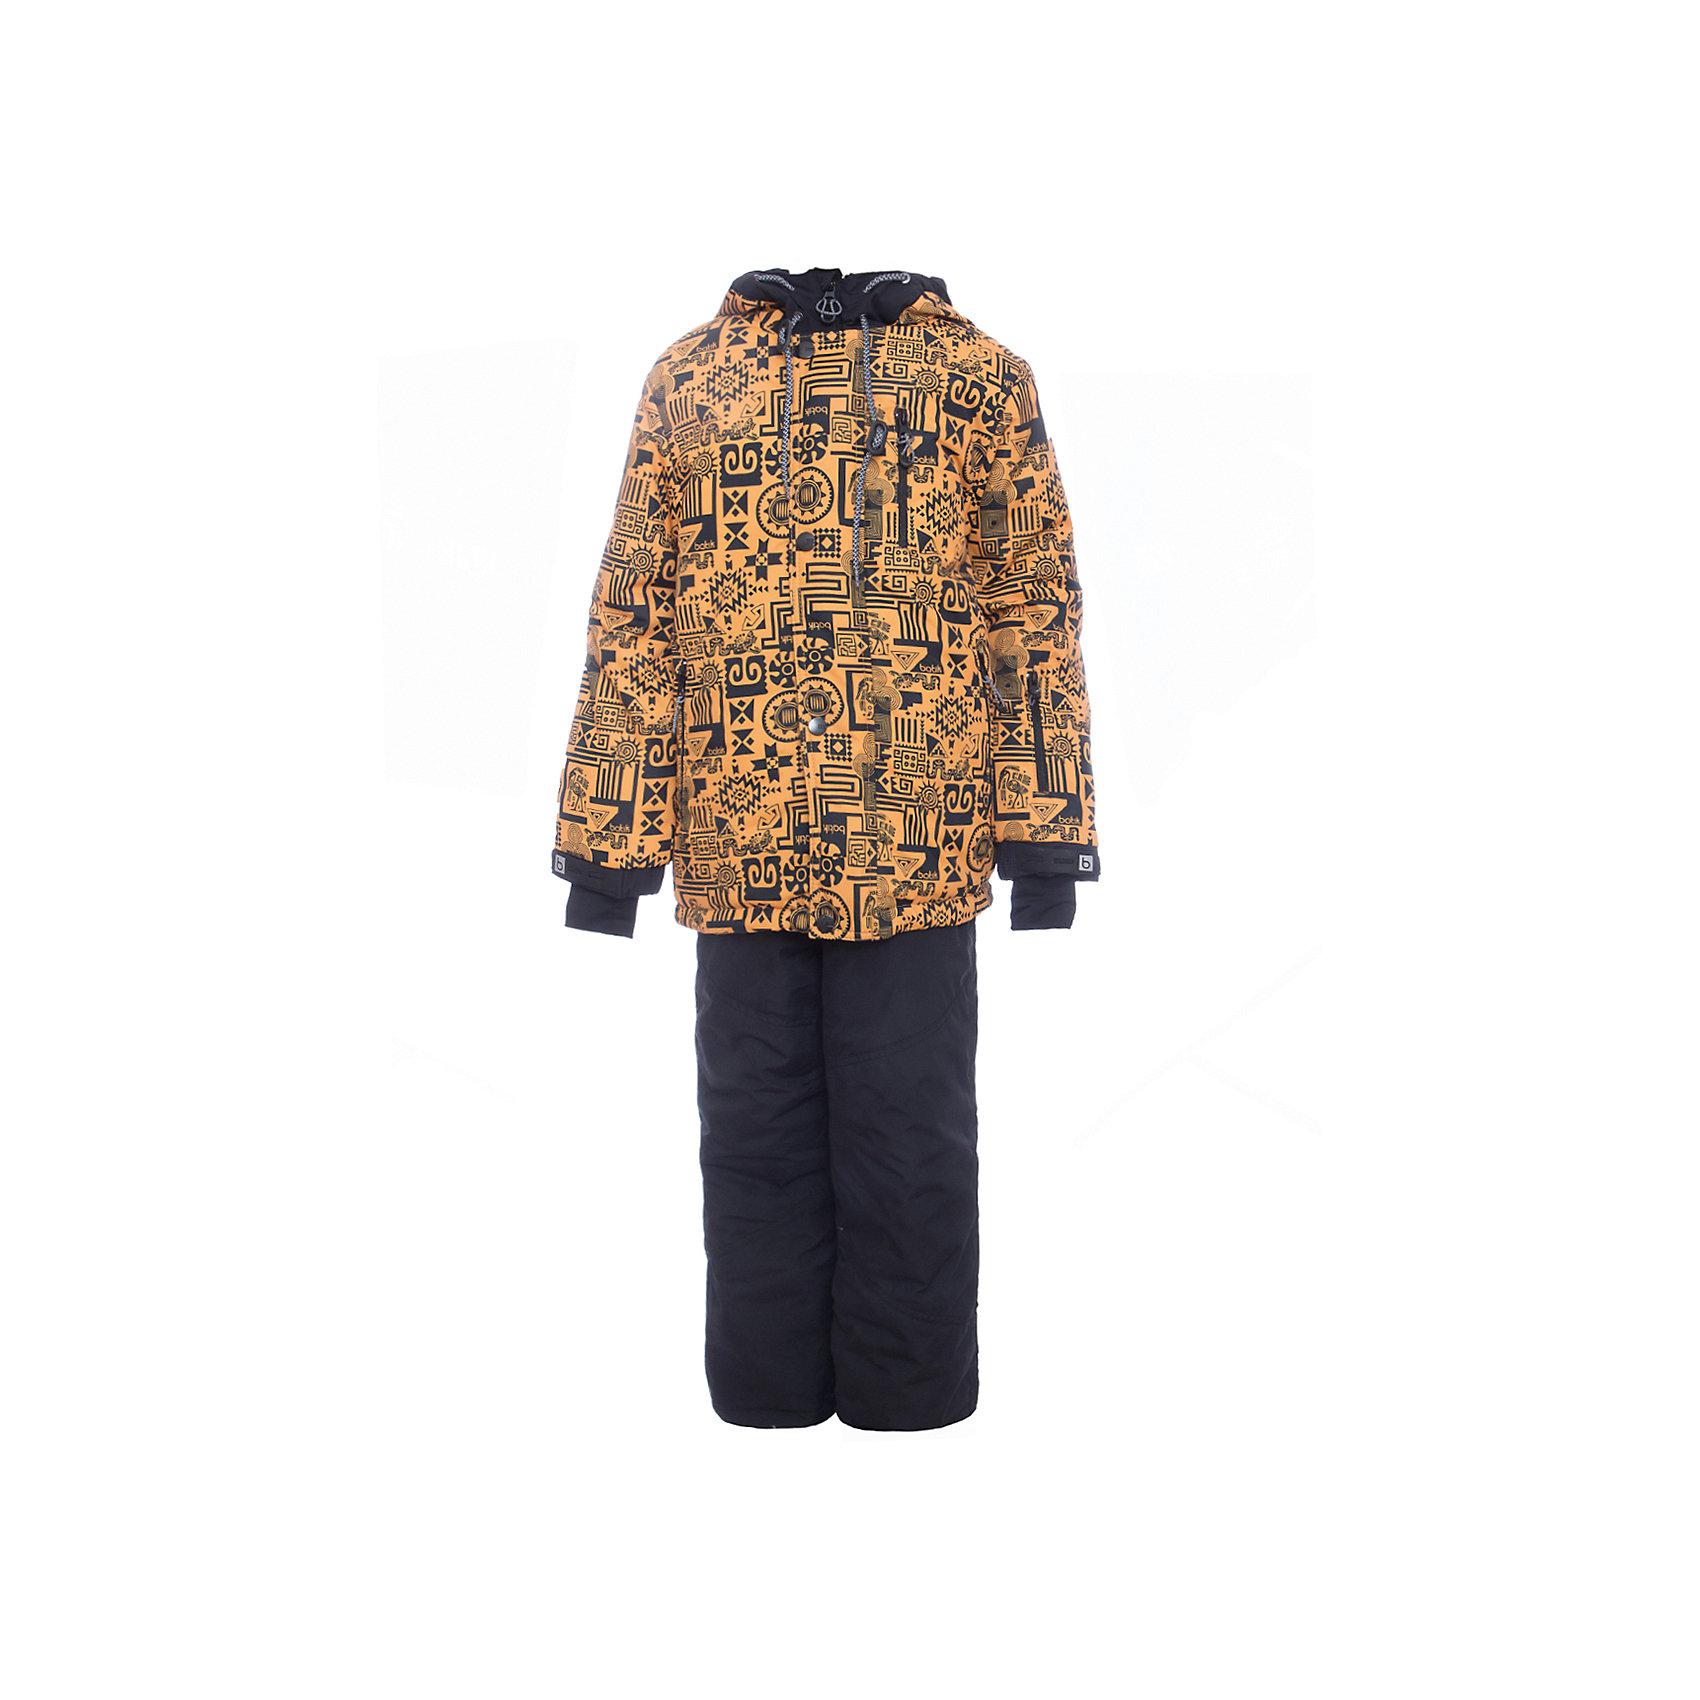 Комплект: куртка и полукомбенизон Сэм Batik для мальчикаВерхняя одежда<br>Комплект: куртка и полукомбенизон Сэм Batik для мальчика<br>Верхняя ткань обладает водоотталкивающими и ветрозащитными свойствами мембраны. Полукомбинезон с отстегивающимися лямками. Куртка на молнии с ветрозащитной планкой и юбкой внутри, светоотражающими элементами и капюшон на молнии.<br>Состав:<br>Ткань верха - TASLON OXFORD;  Утеплитель - Слайтекс 300;  Подкладка - Полар флис;<br><br>Ширина мм: 356<br>Глубина мм: 10<br>Высота мм: 245<br>Вес г: 519<br>Цвет: желтый<br>Возраст от месяцев: 108<br>Возраст до месяцев: 120<br>Пол: Мужской<br>Возраст: Детский<br>Размер: 140,122,128,134<br>SKU: 7028414